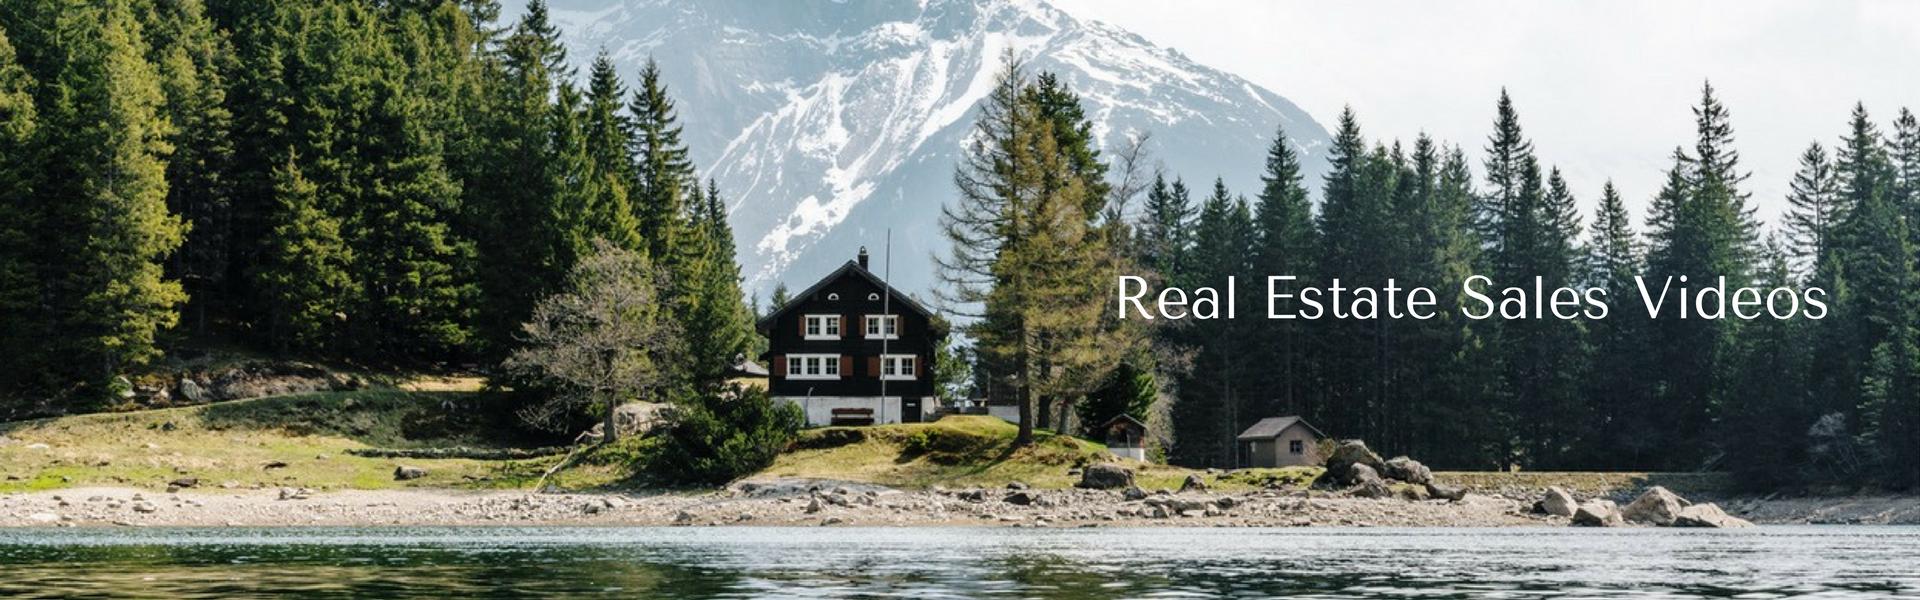 Real Estate Sales Videos